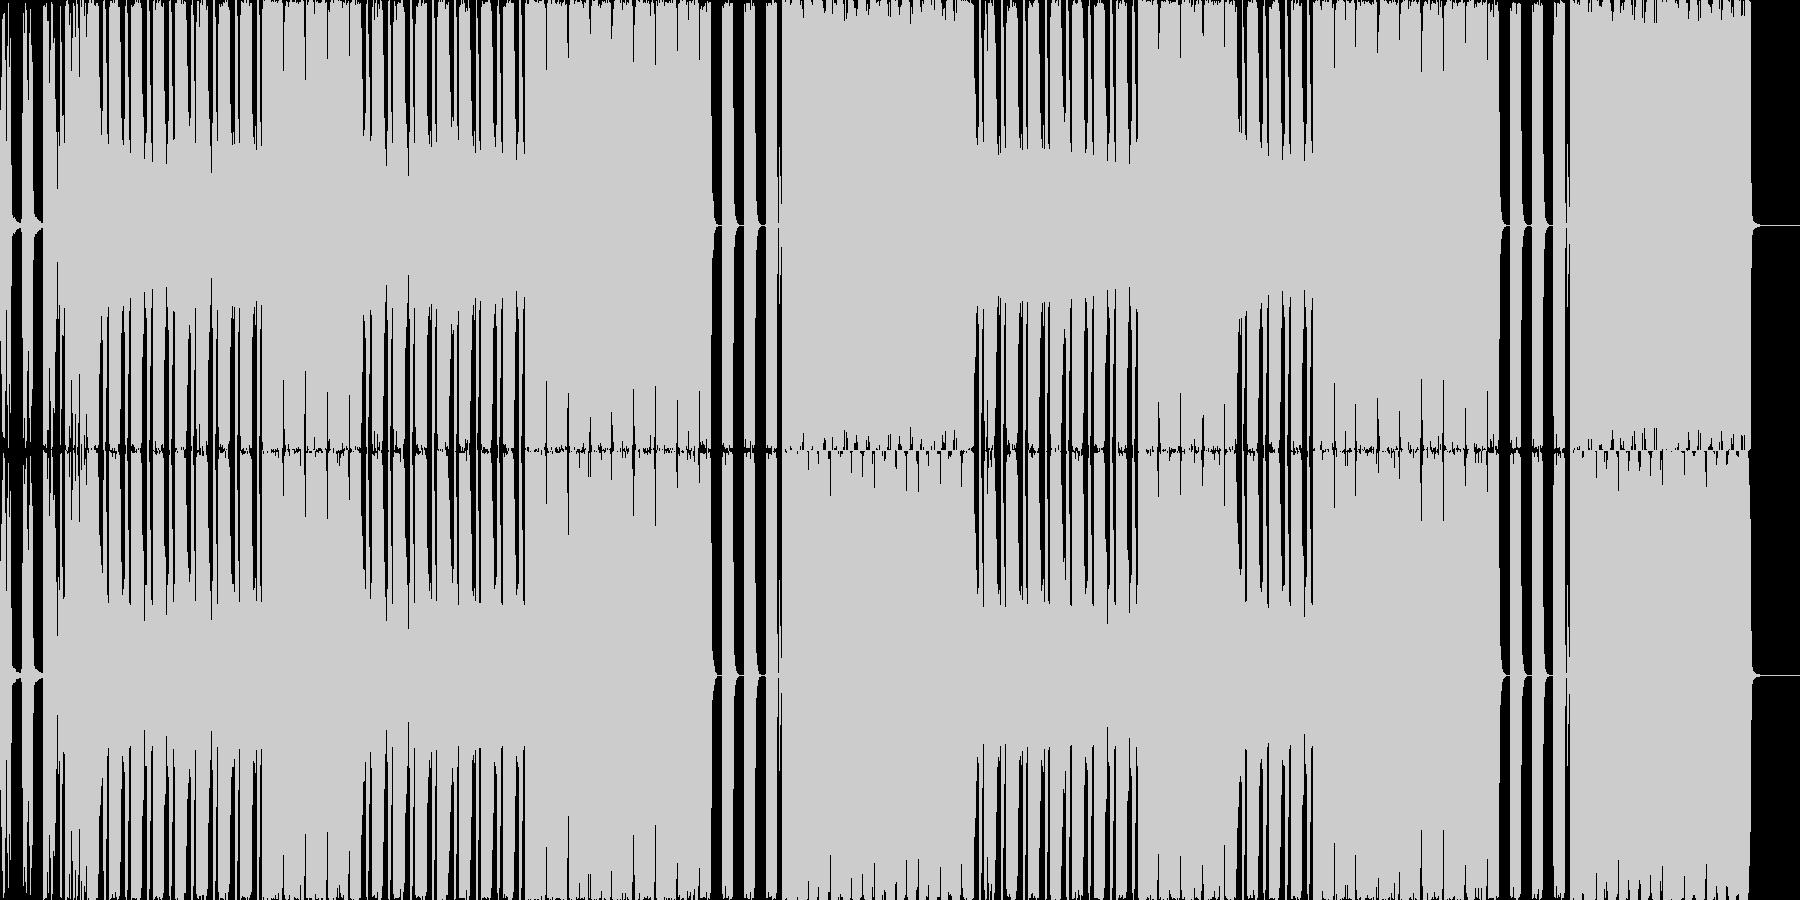 変態リズムの喧しめシンセサウンドの未再生の波形